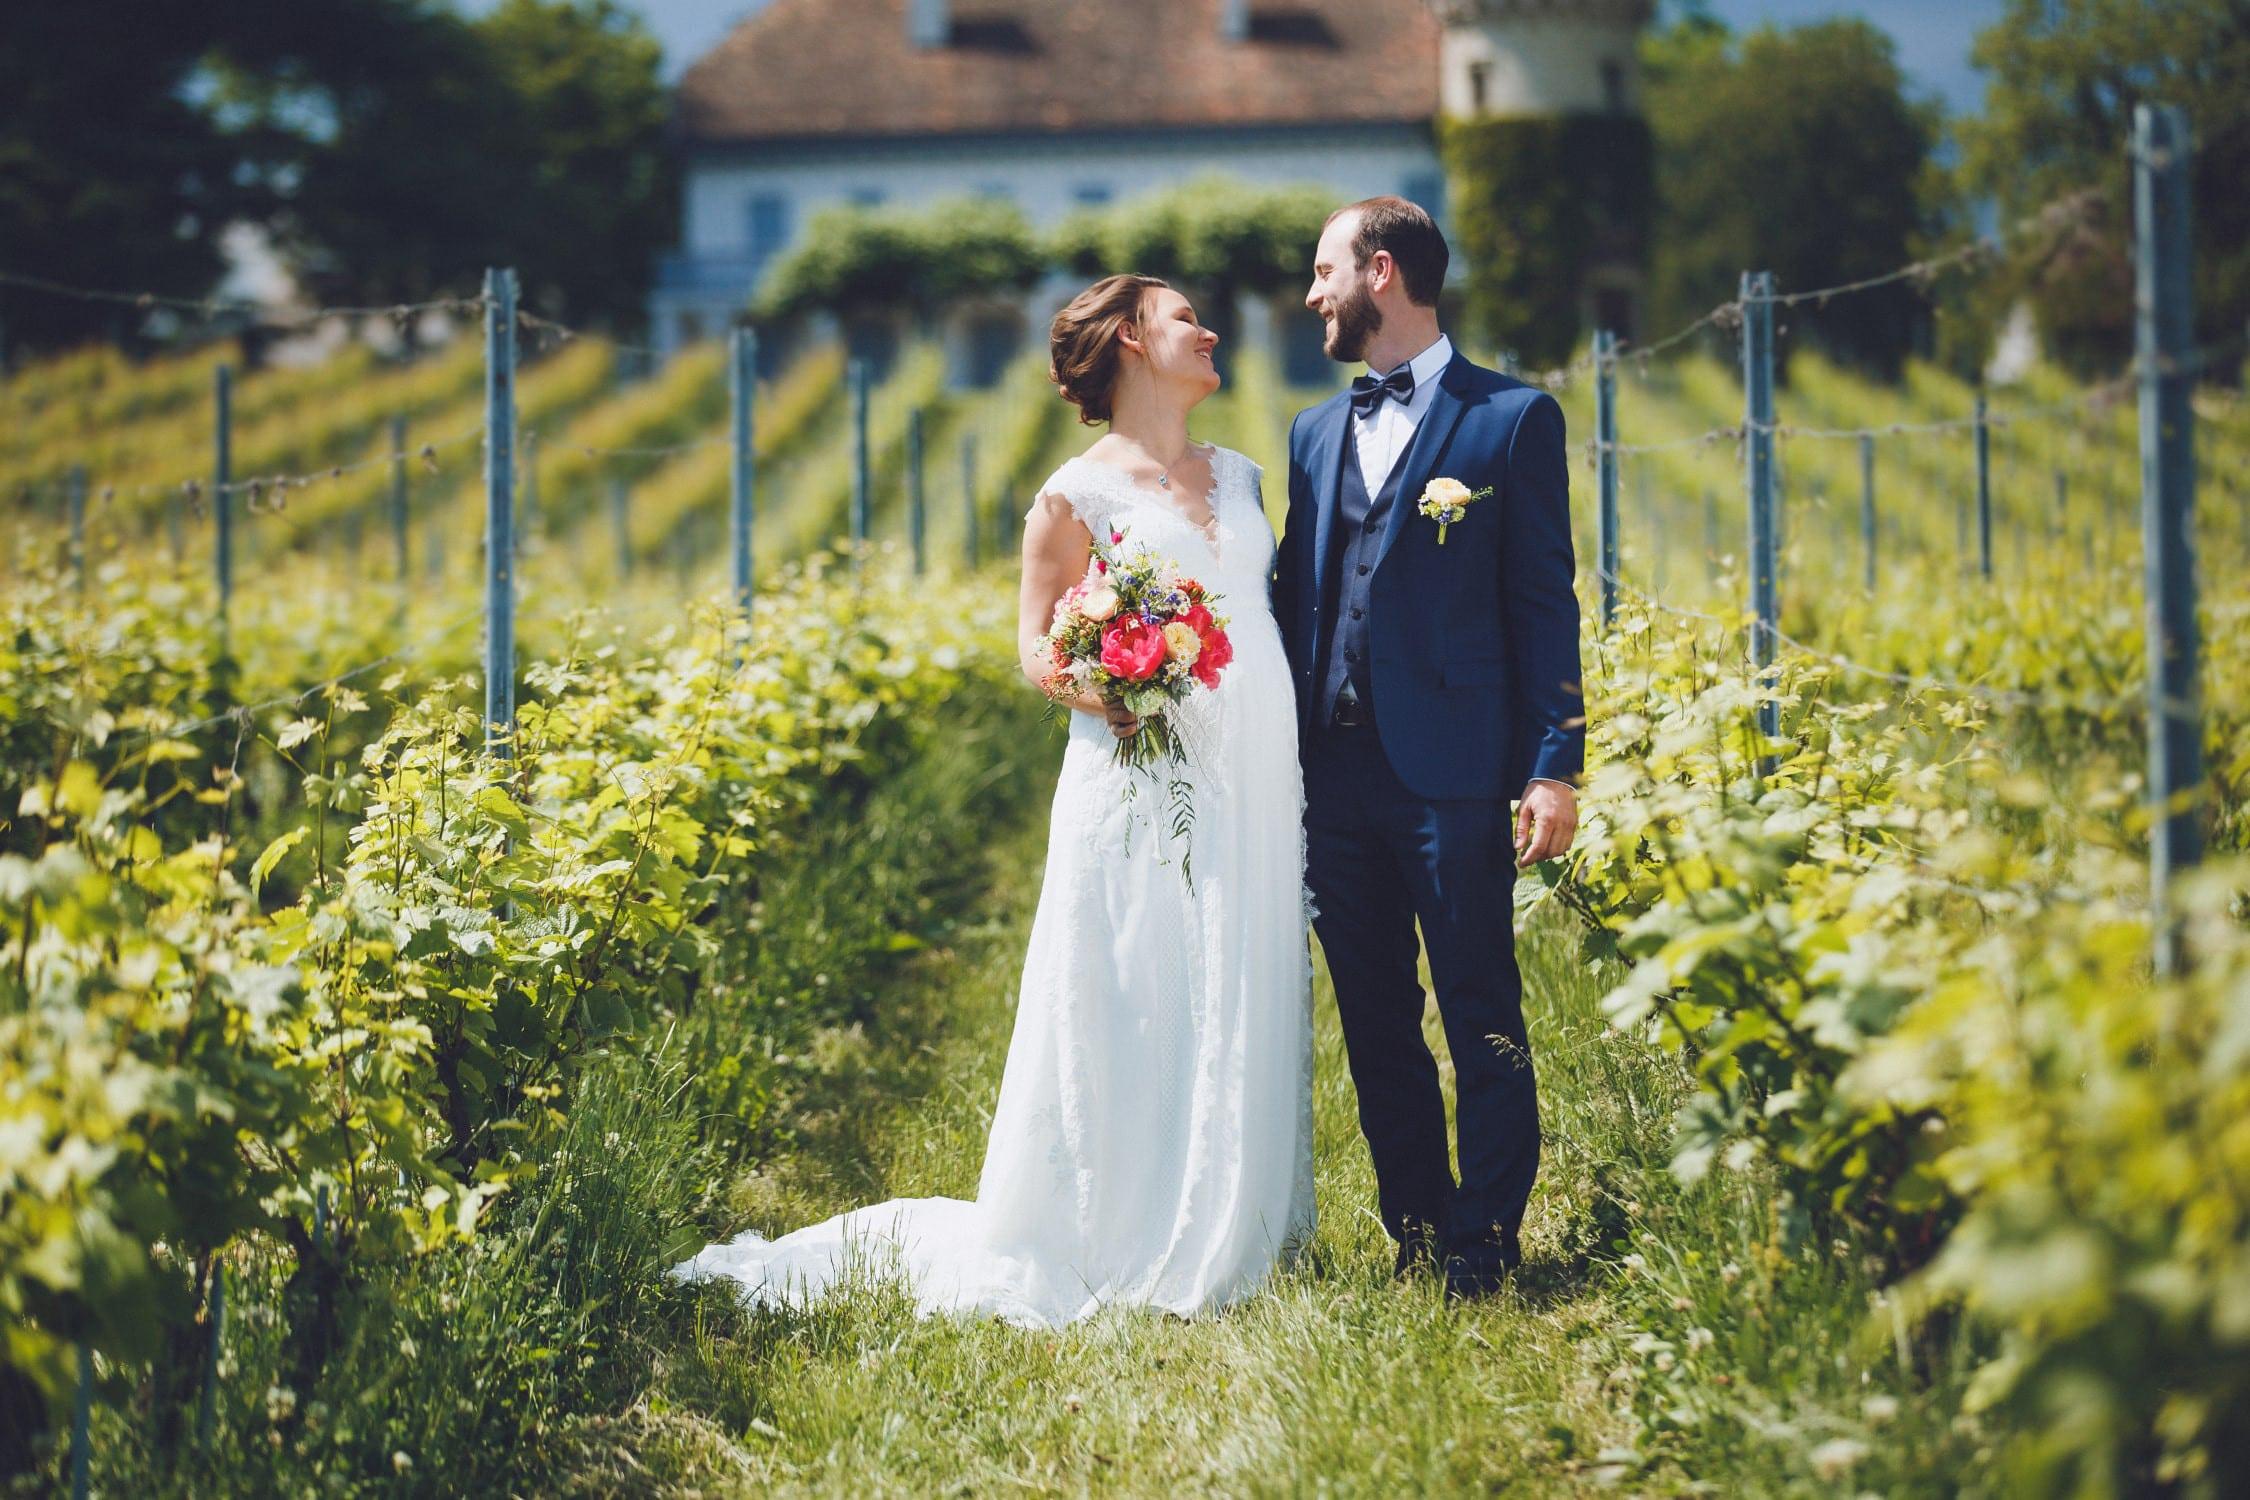 La cérémonie laïque dans les vignes de Chloé et Chris